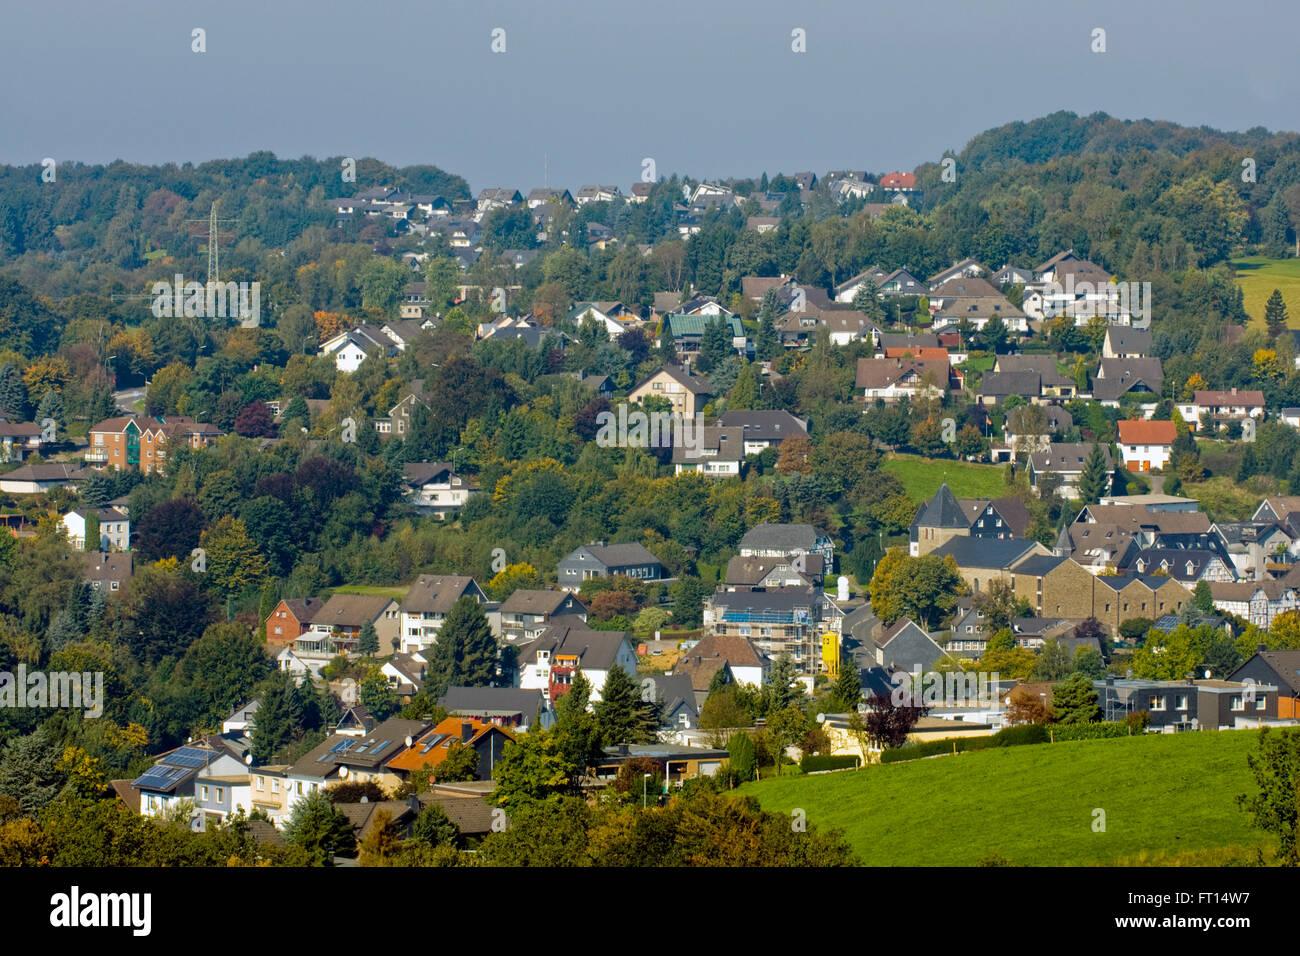 BRD, Nordrhein-Westfalen, Kürten im Rheinisch-Bergischen Kreis, - Stock Image